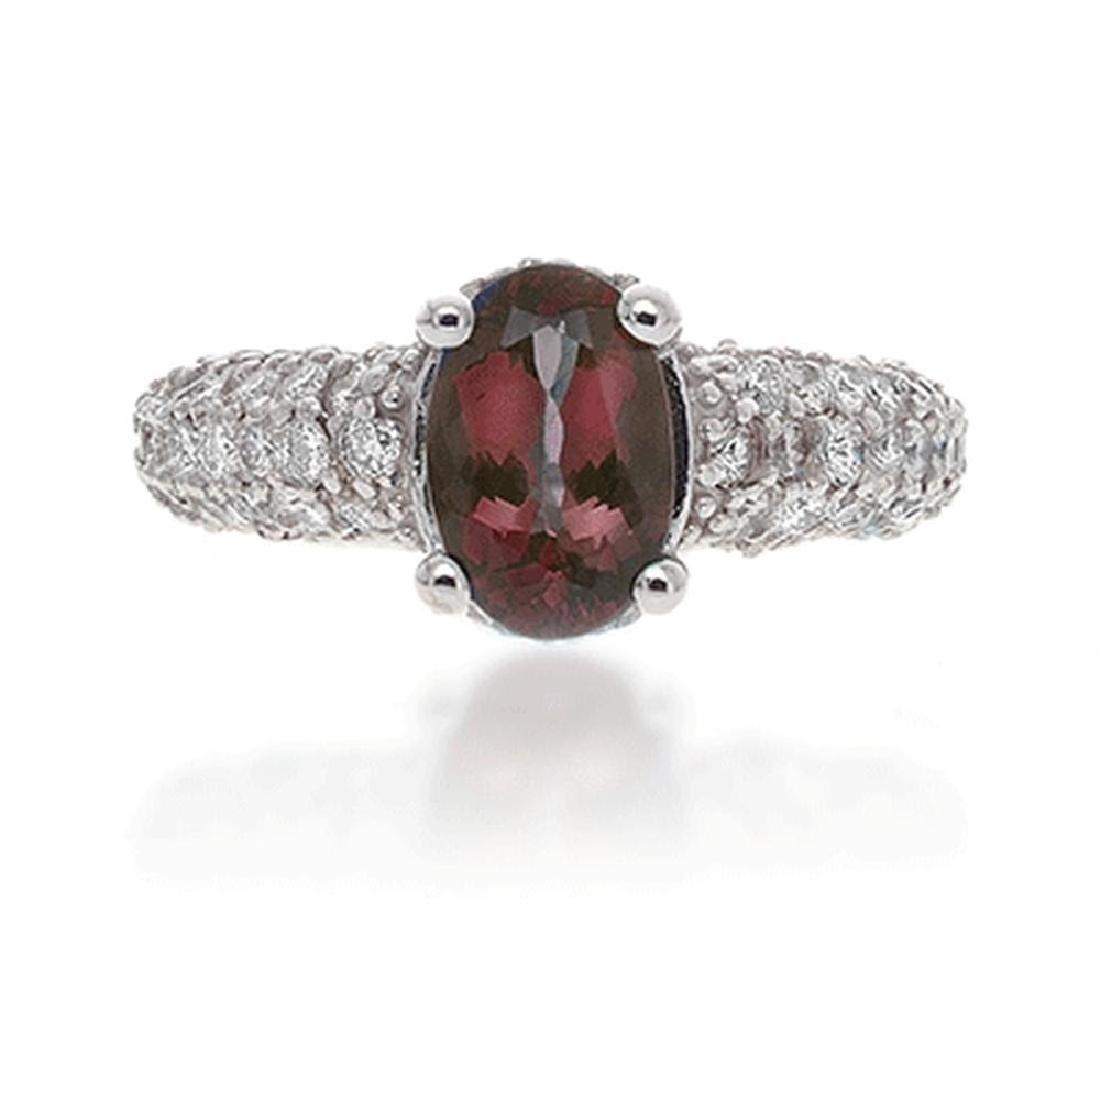 C.DUNAIGRE, UGL ALEXANDRITE AND DIAMOND RING